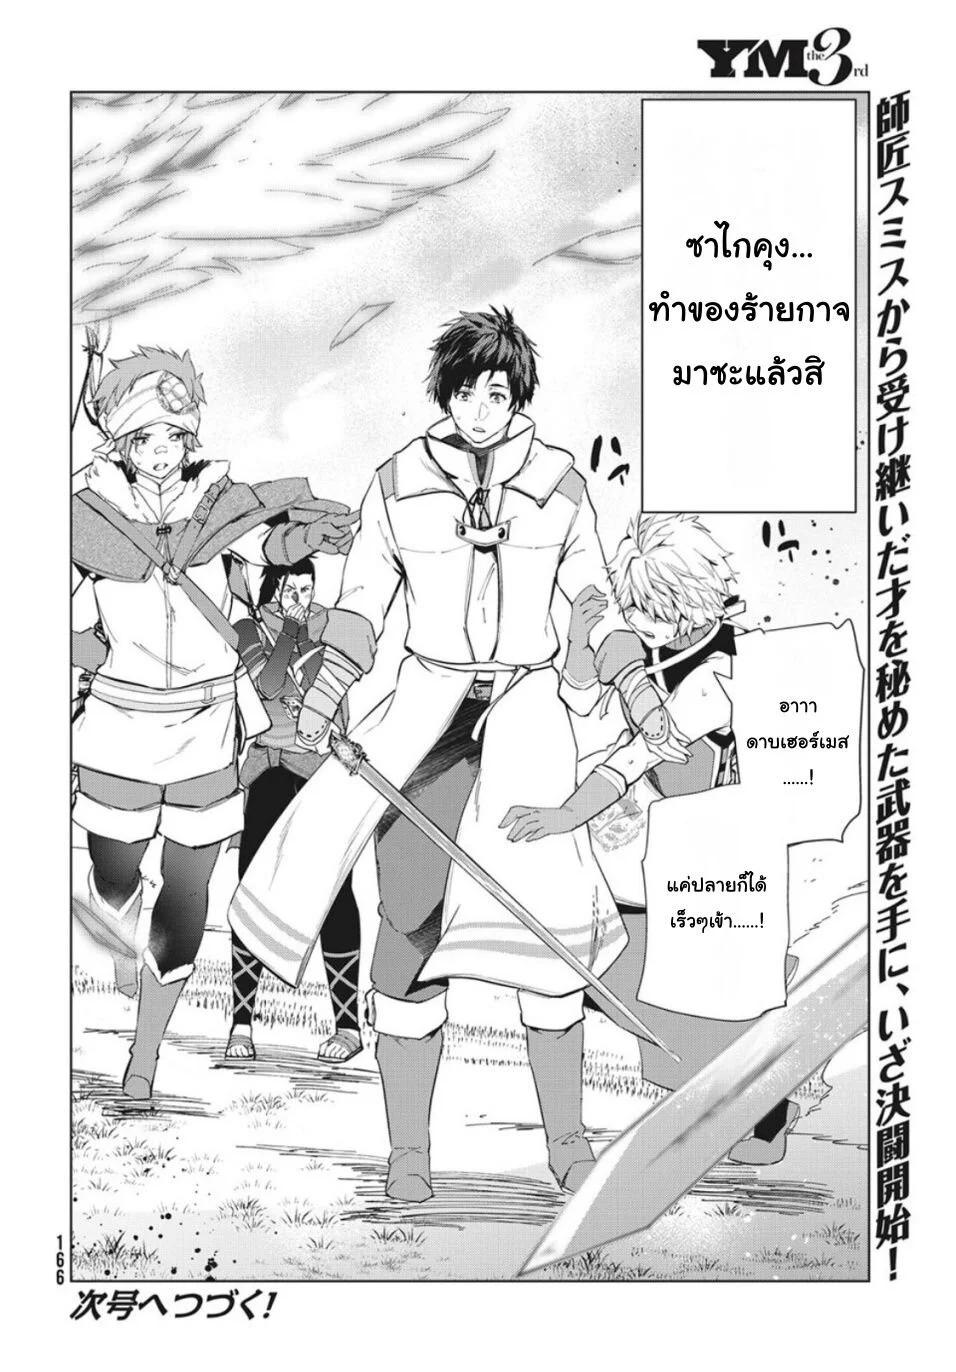 อ่านการ์ตูน Kaiko sareta Ankoku Heishi (30-dai) no Slow na Second ตอนที่ 19 หน้าที่ 30